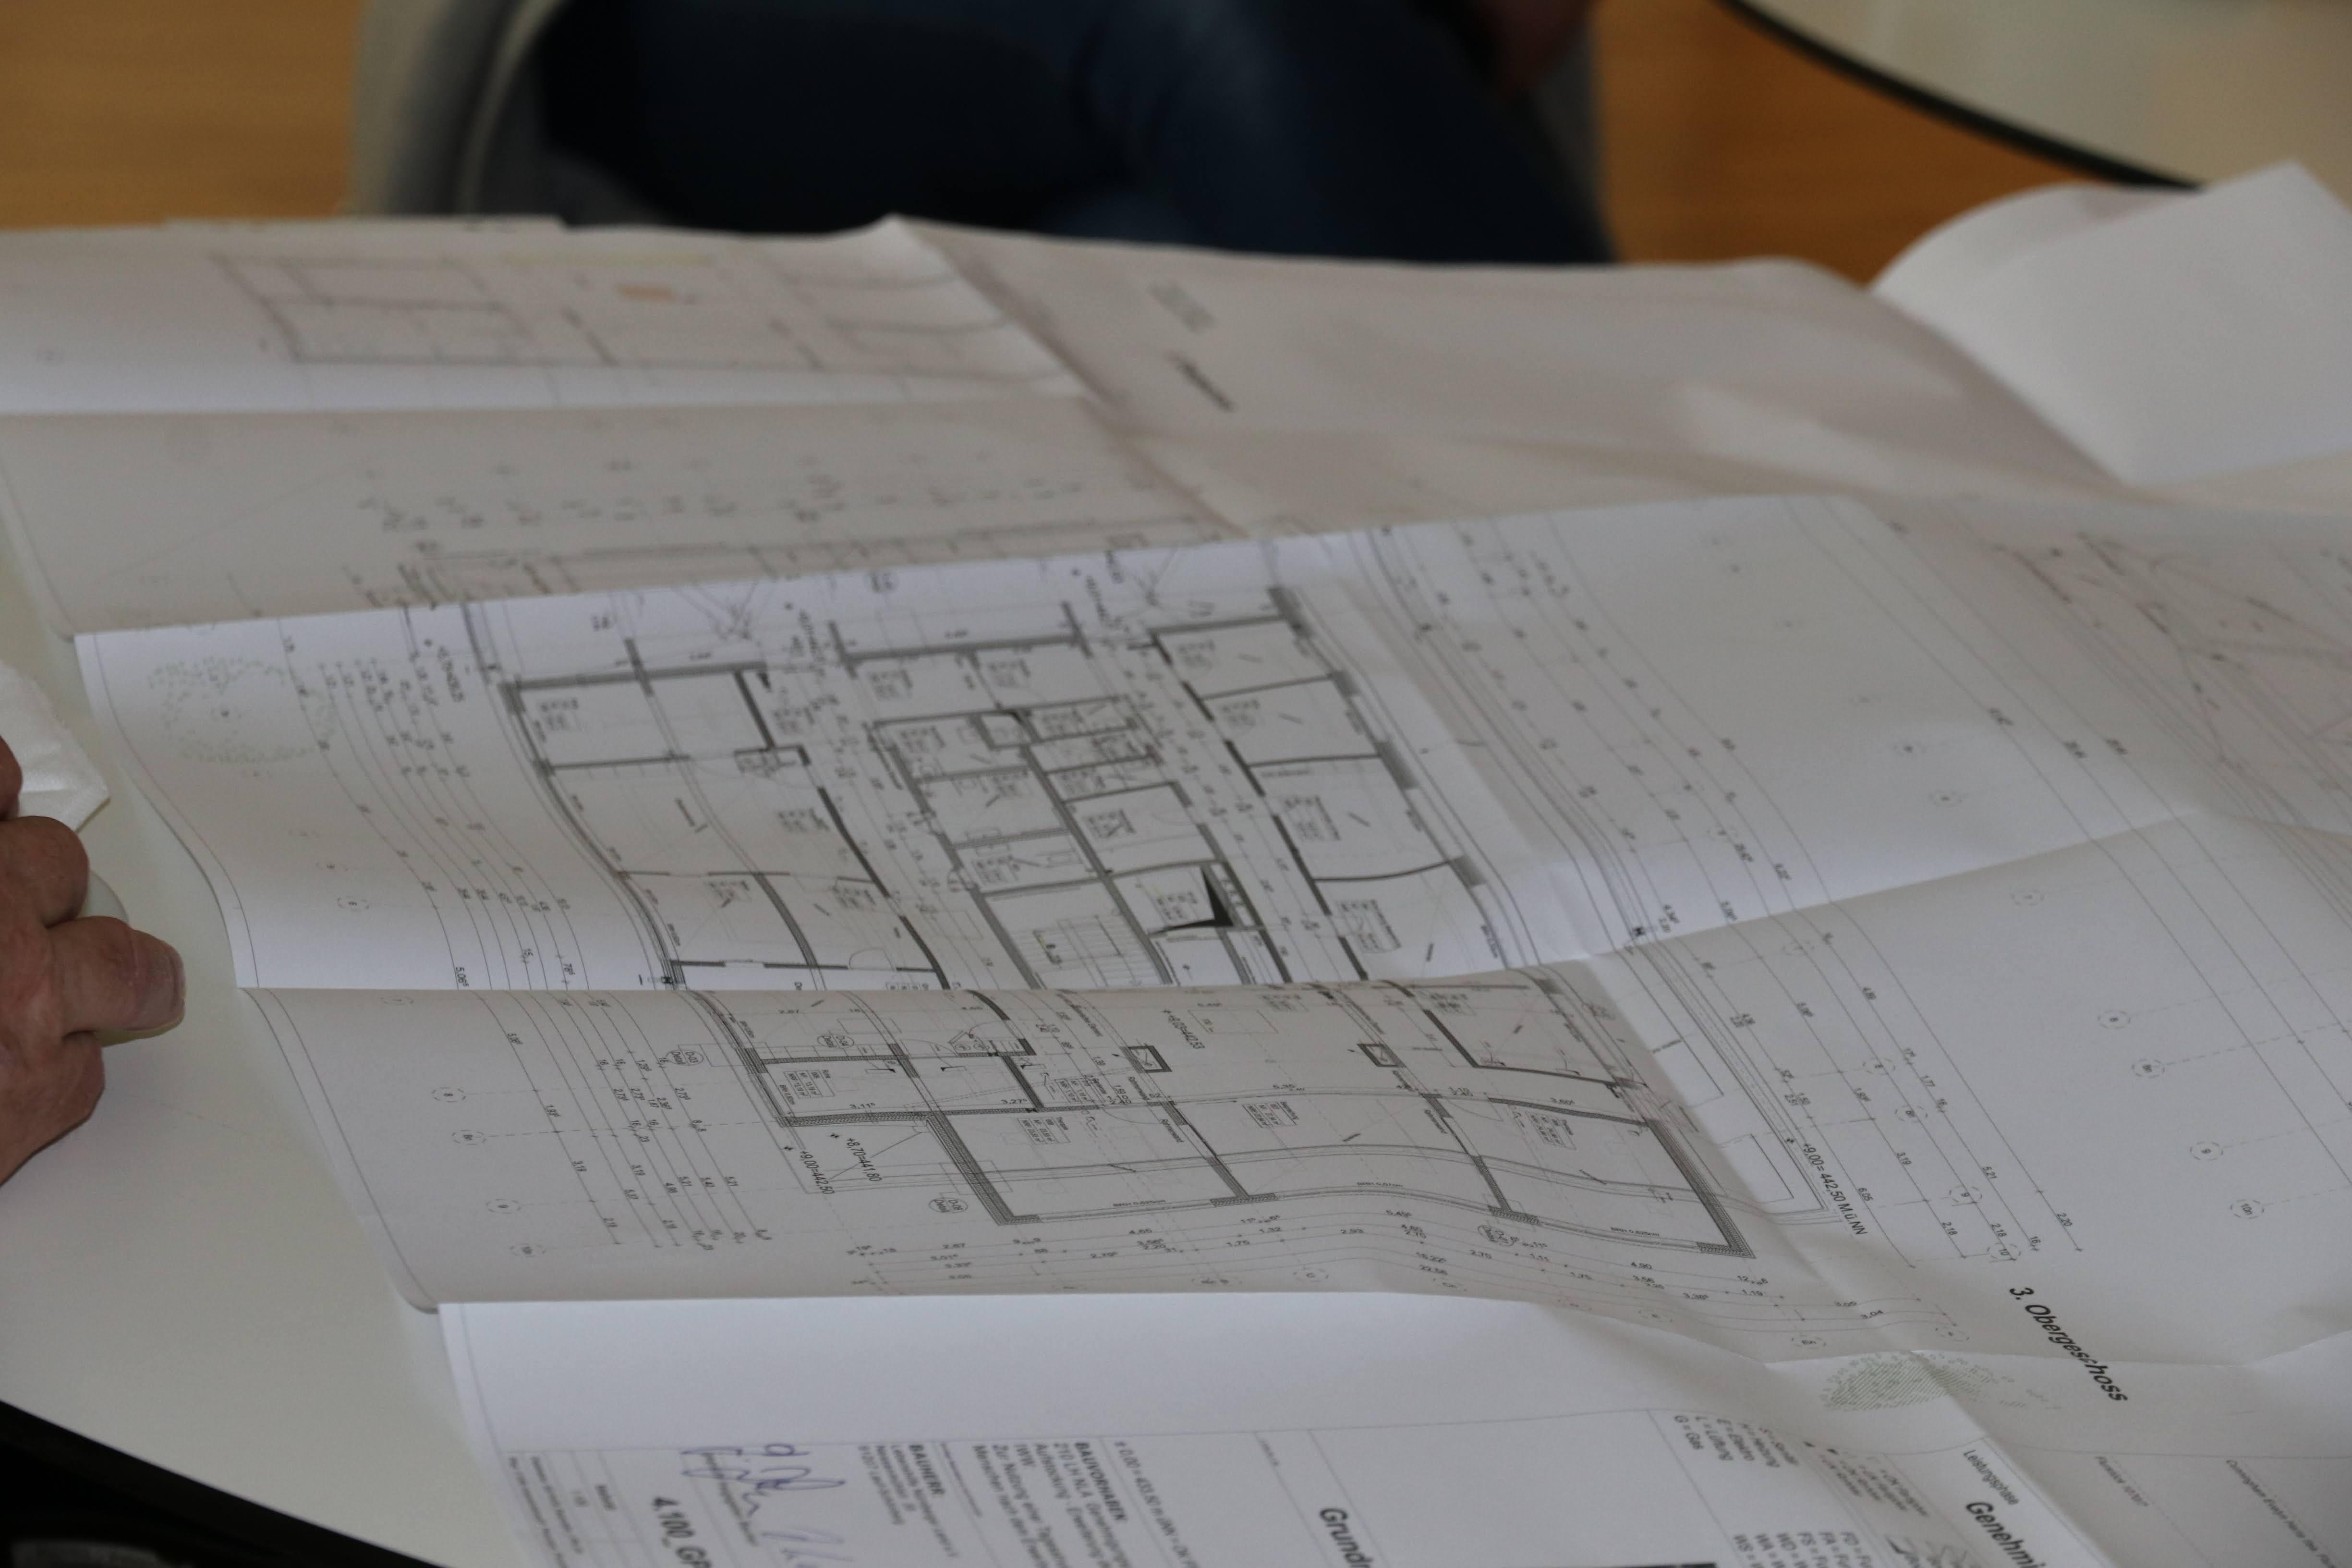 Beim Ortstermin erläuterte das Architektenteam gegenüber Bürgermeister Tabor und den Lebenshilfe-Verantwortlichen auch den Grundriss.